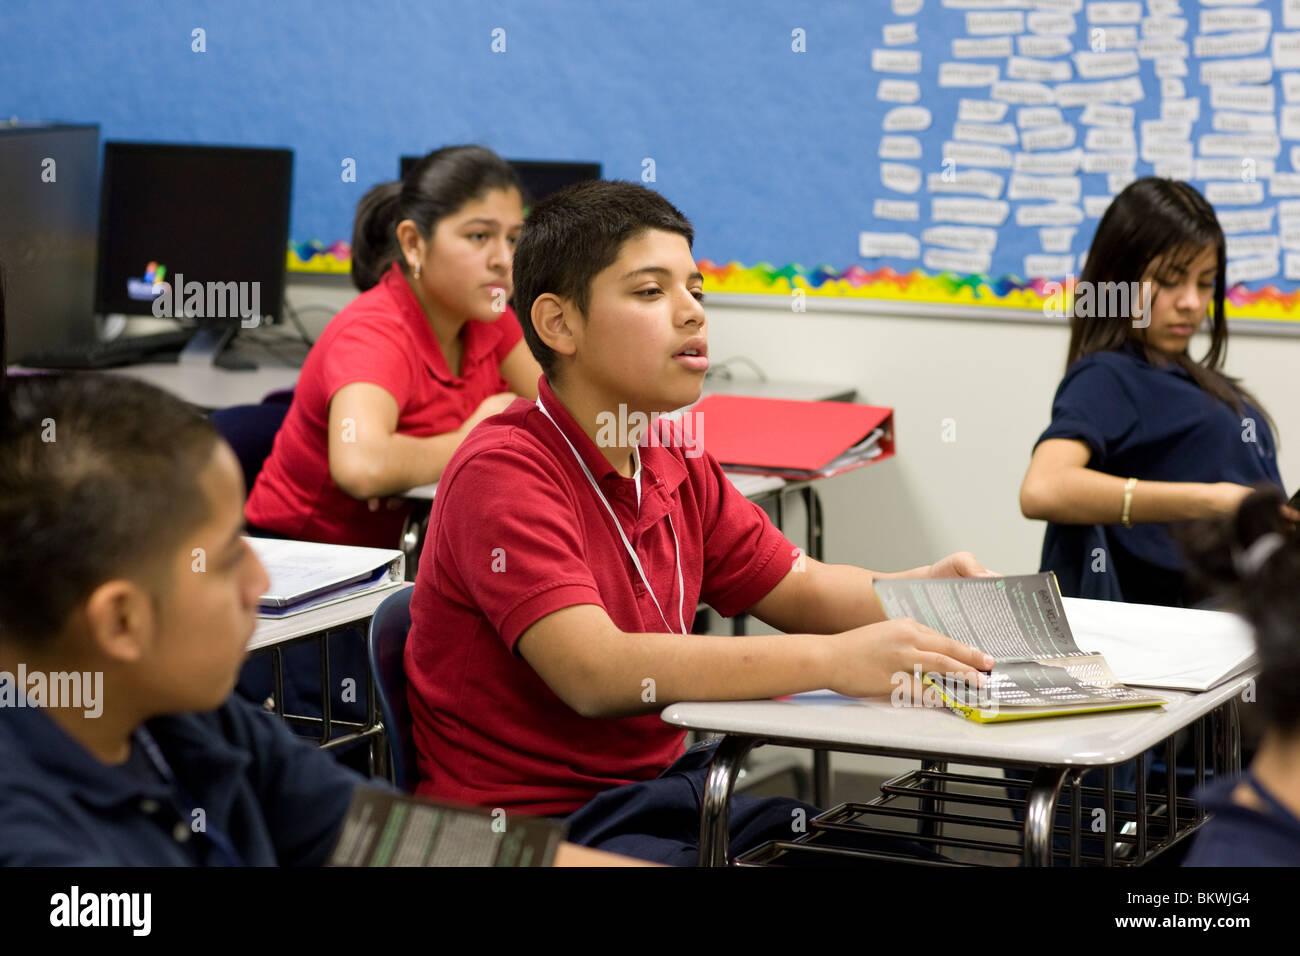 Schülerinnen Und Schüler Arbeitest Du Bei Einer übung Charta Schule